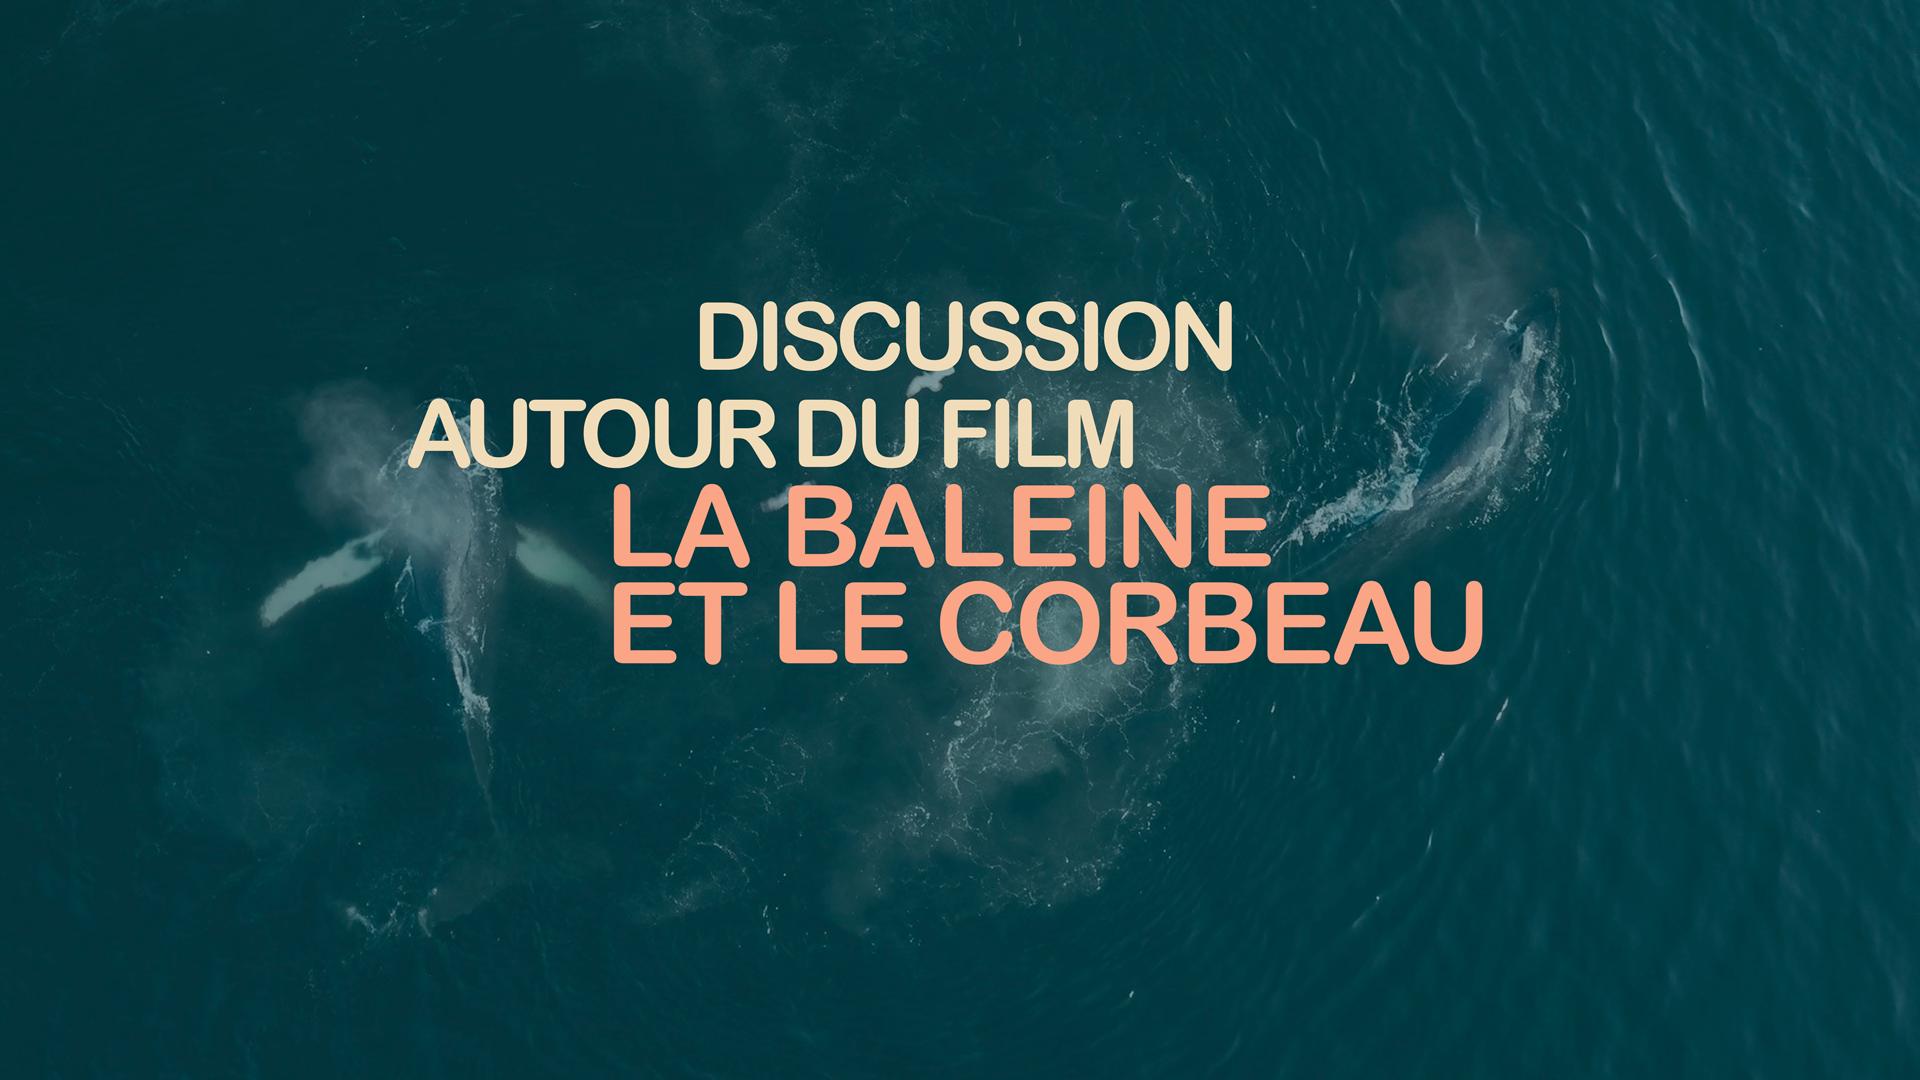 bandeaux_discussion_LA_BALEINE_ET_LE_CORBEAU.png